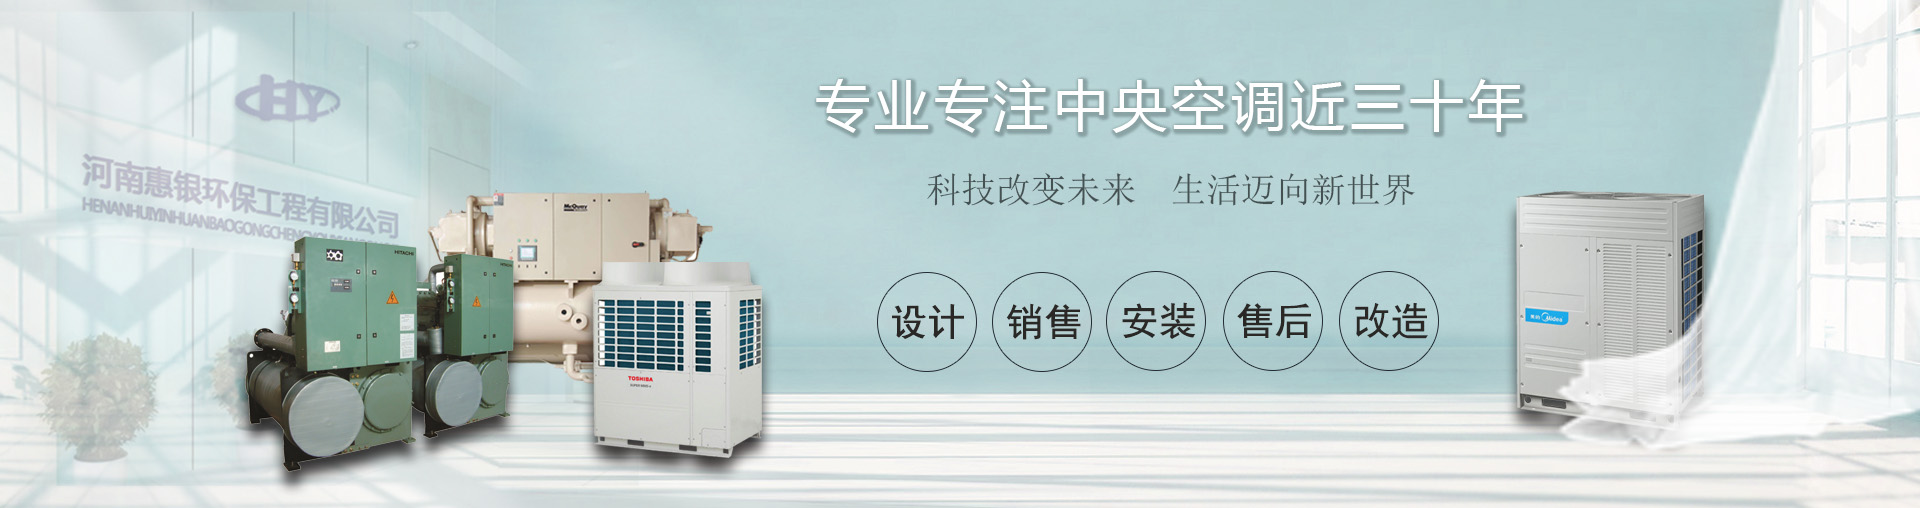 案例:中央空调安装